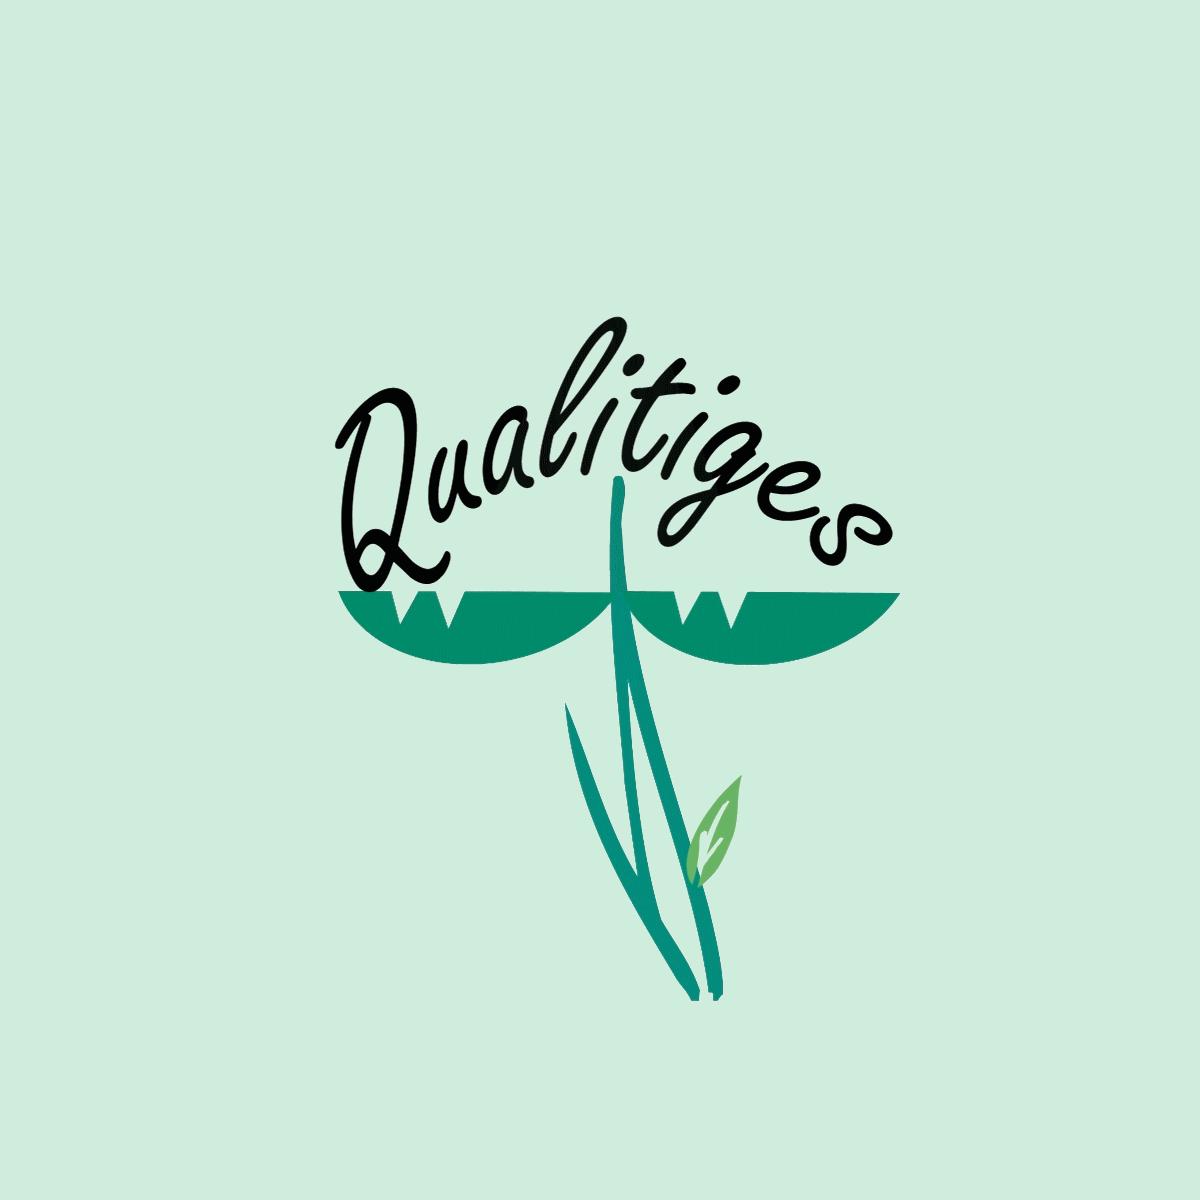 Qualitiges